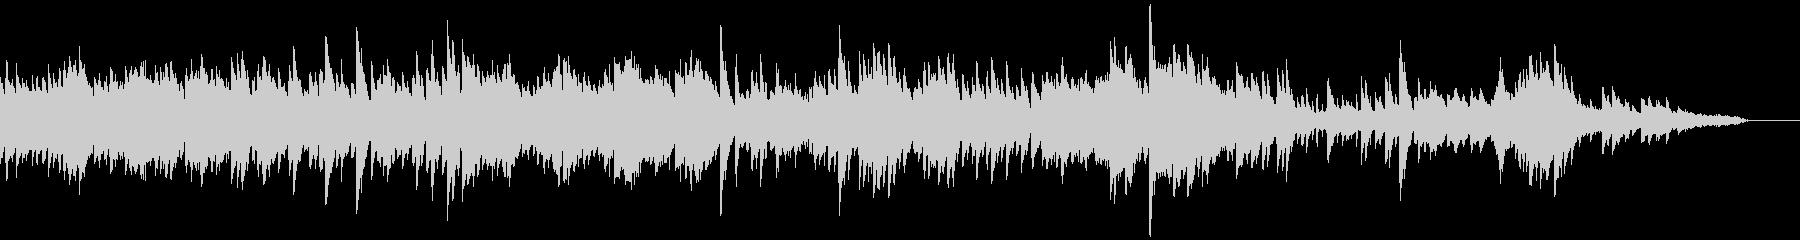 フレッシュな雰囲気のピアノソロジングル5の未再生の波形